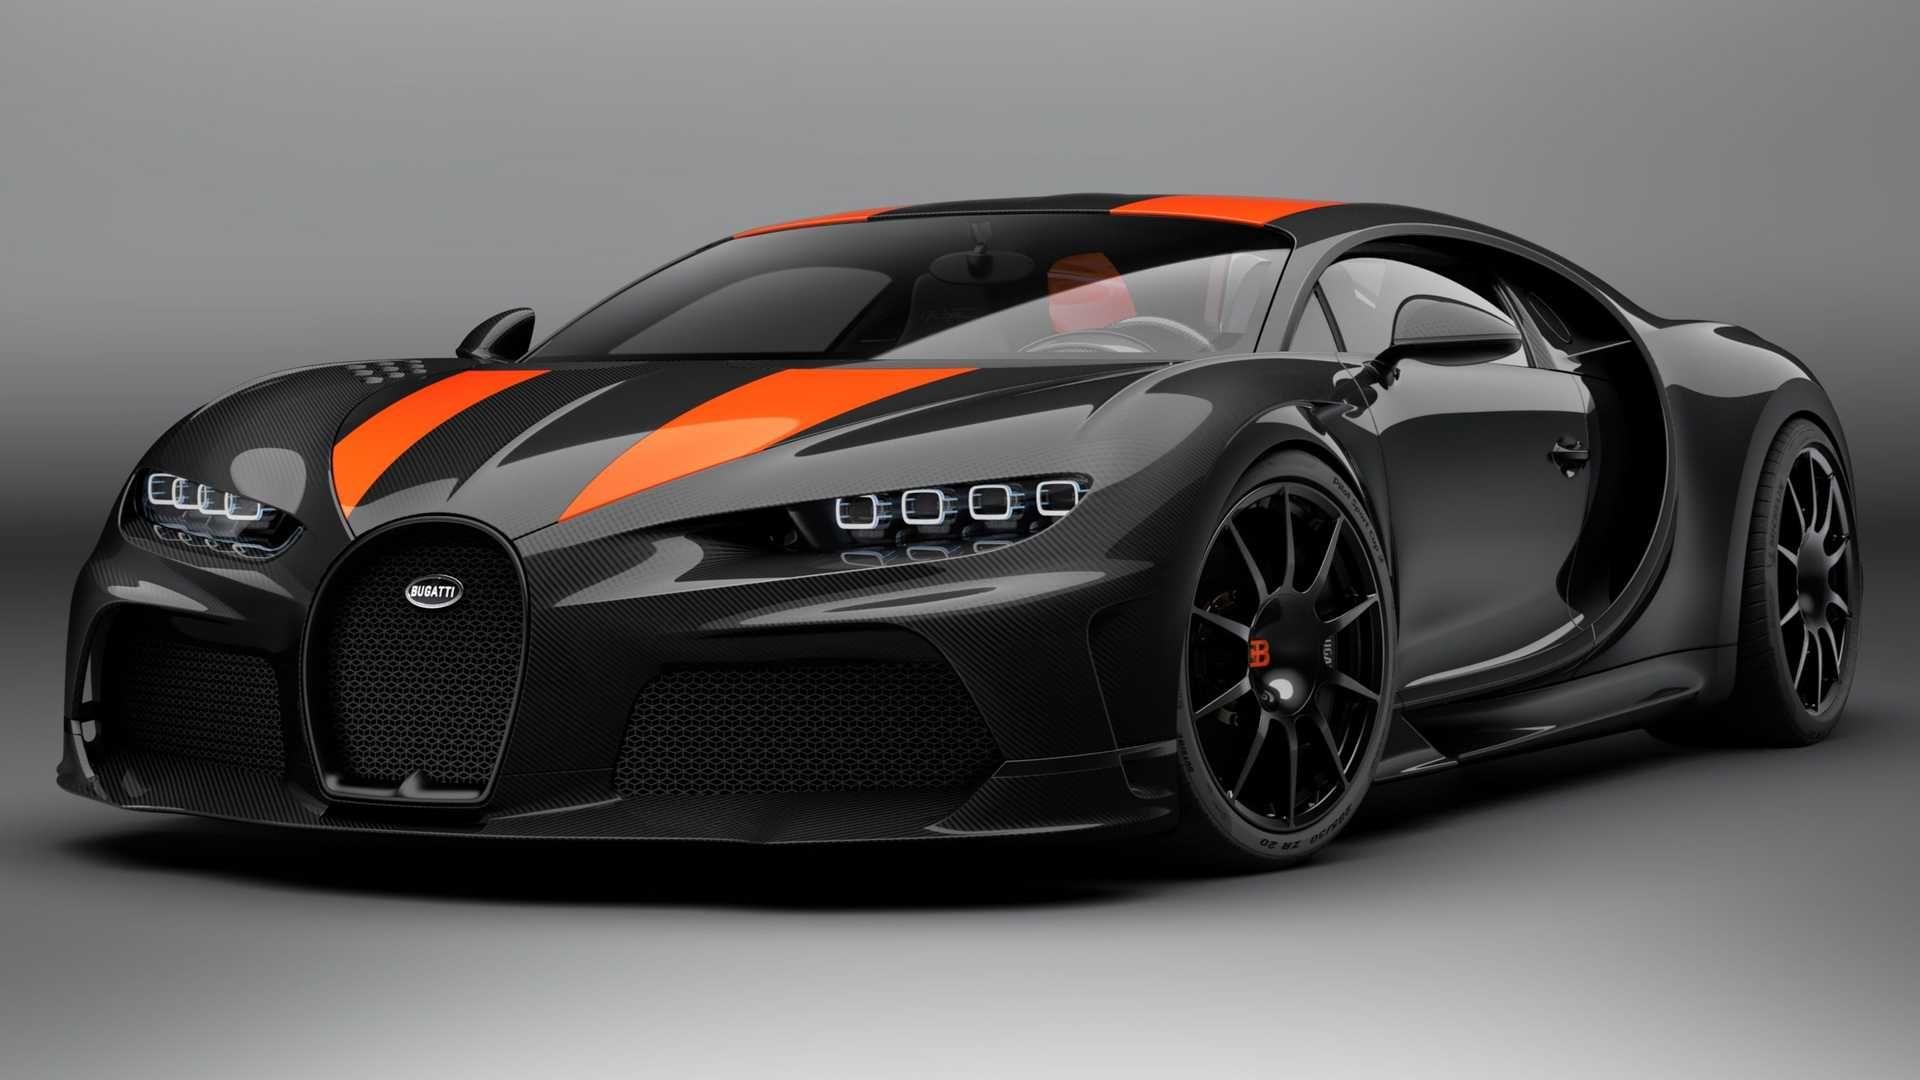 Bugatti Chiron Super Sports 300 Officially Announced Bugatti Veyron Super Sport Bugatti Chiron Bugatti